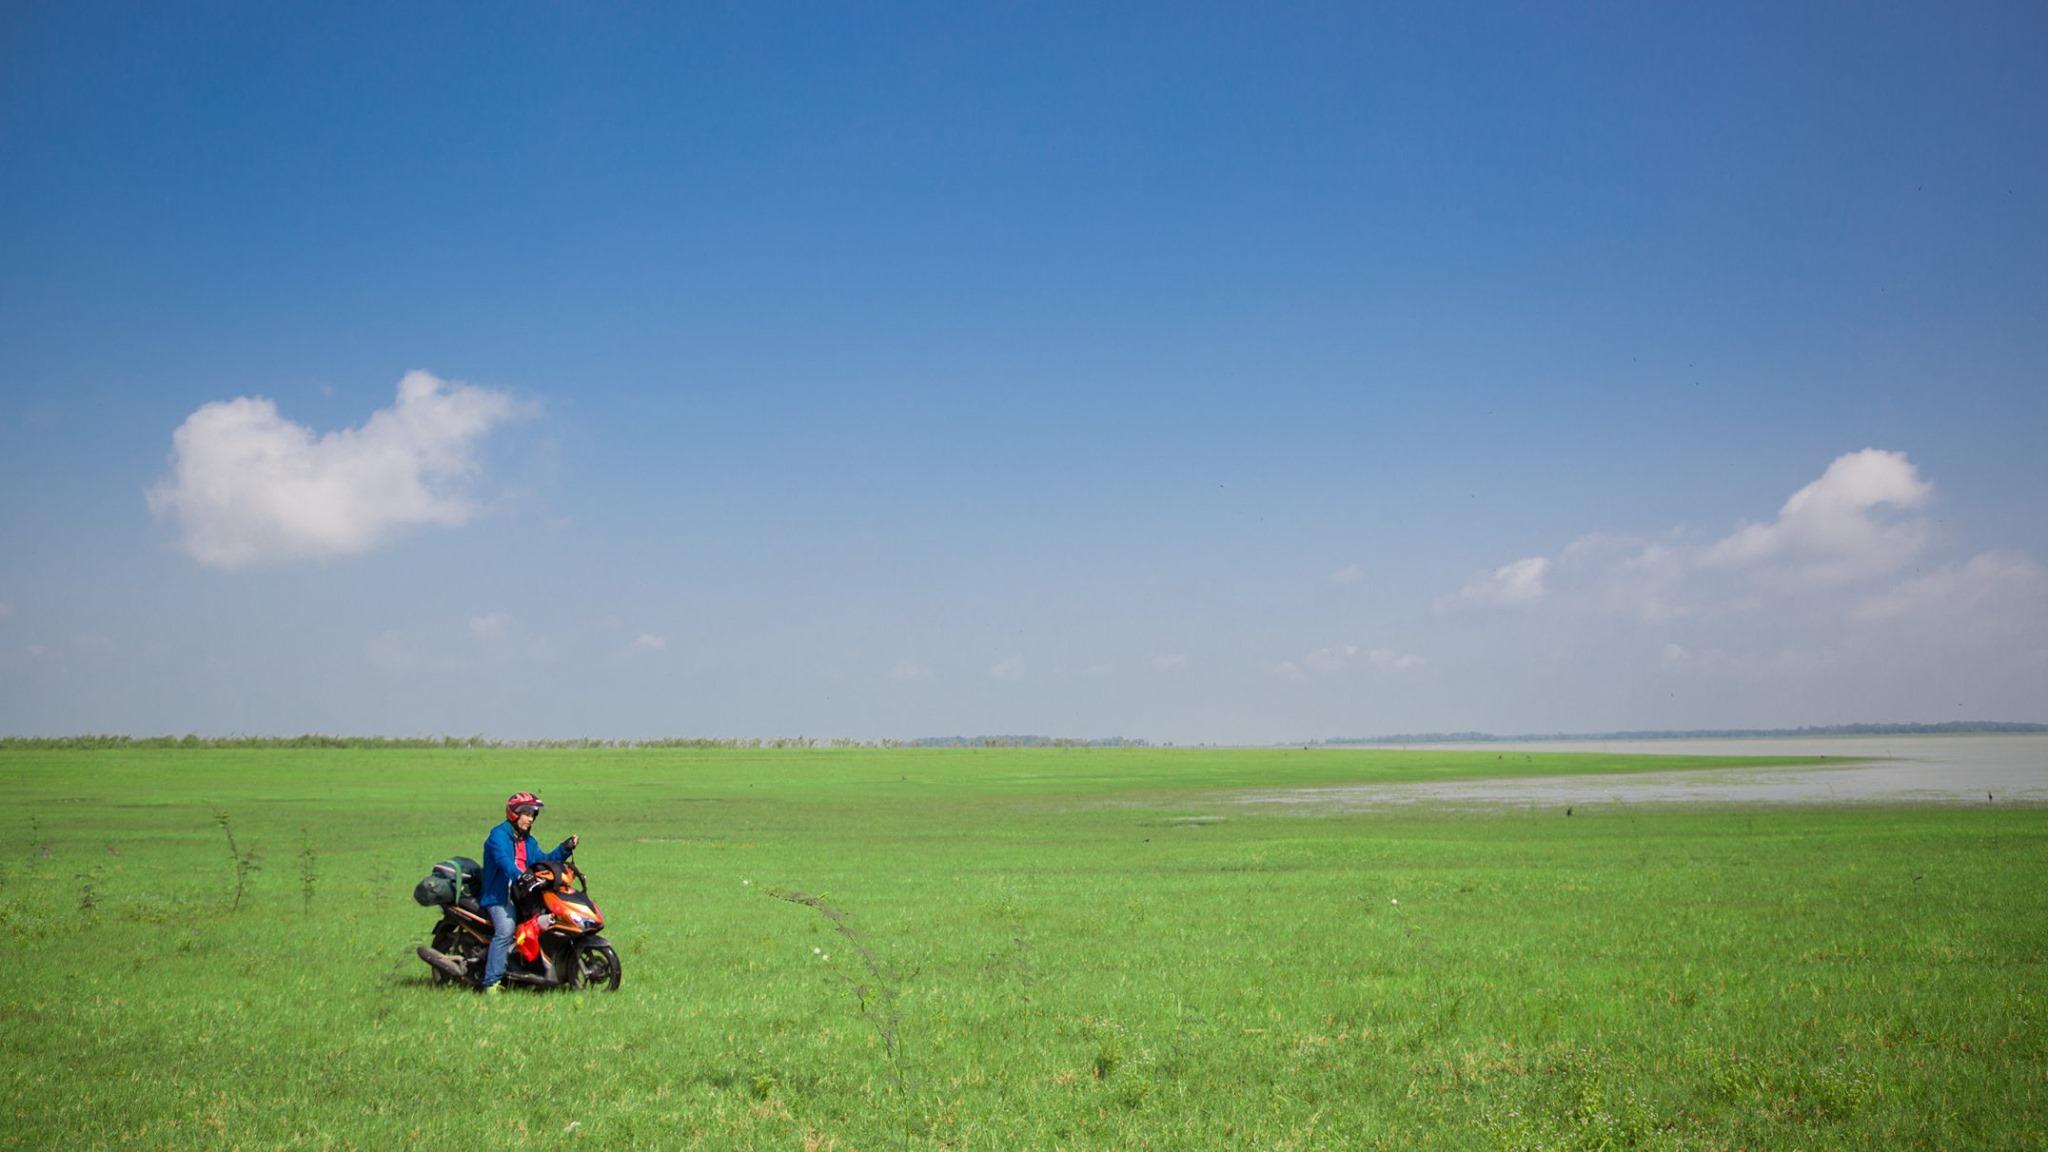 Đến hồ Dầu Tiếng, chiêm ngưỡng cảnh đẹp hút hồn tại địa điểm cắm trại hot nhất Tây Ninh  - Ảnh 9.